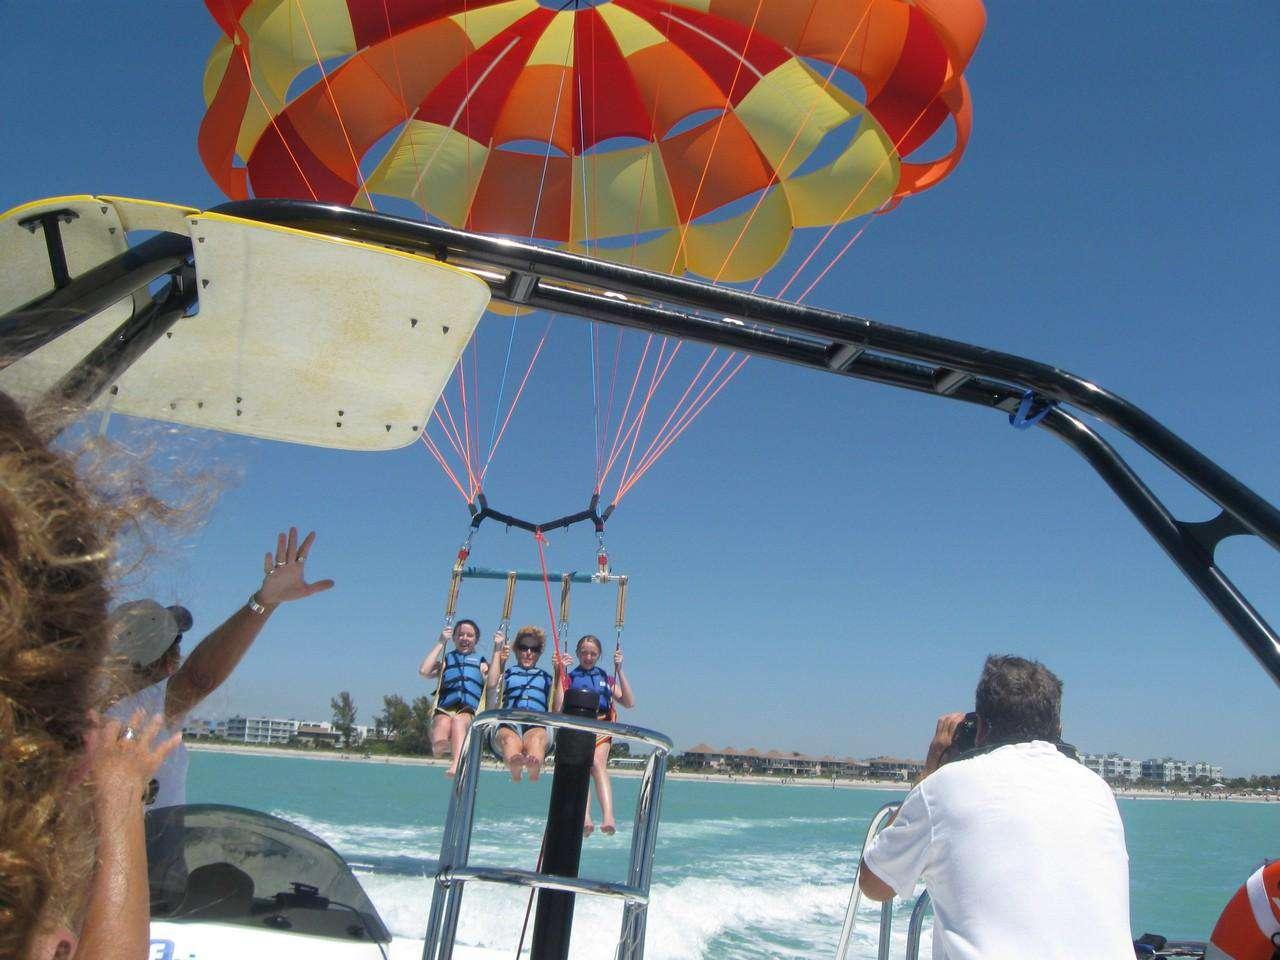 Activities - parasailing